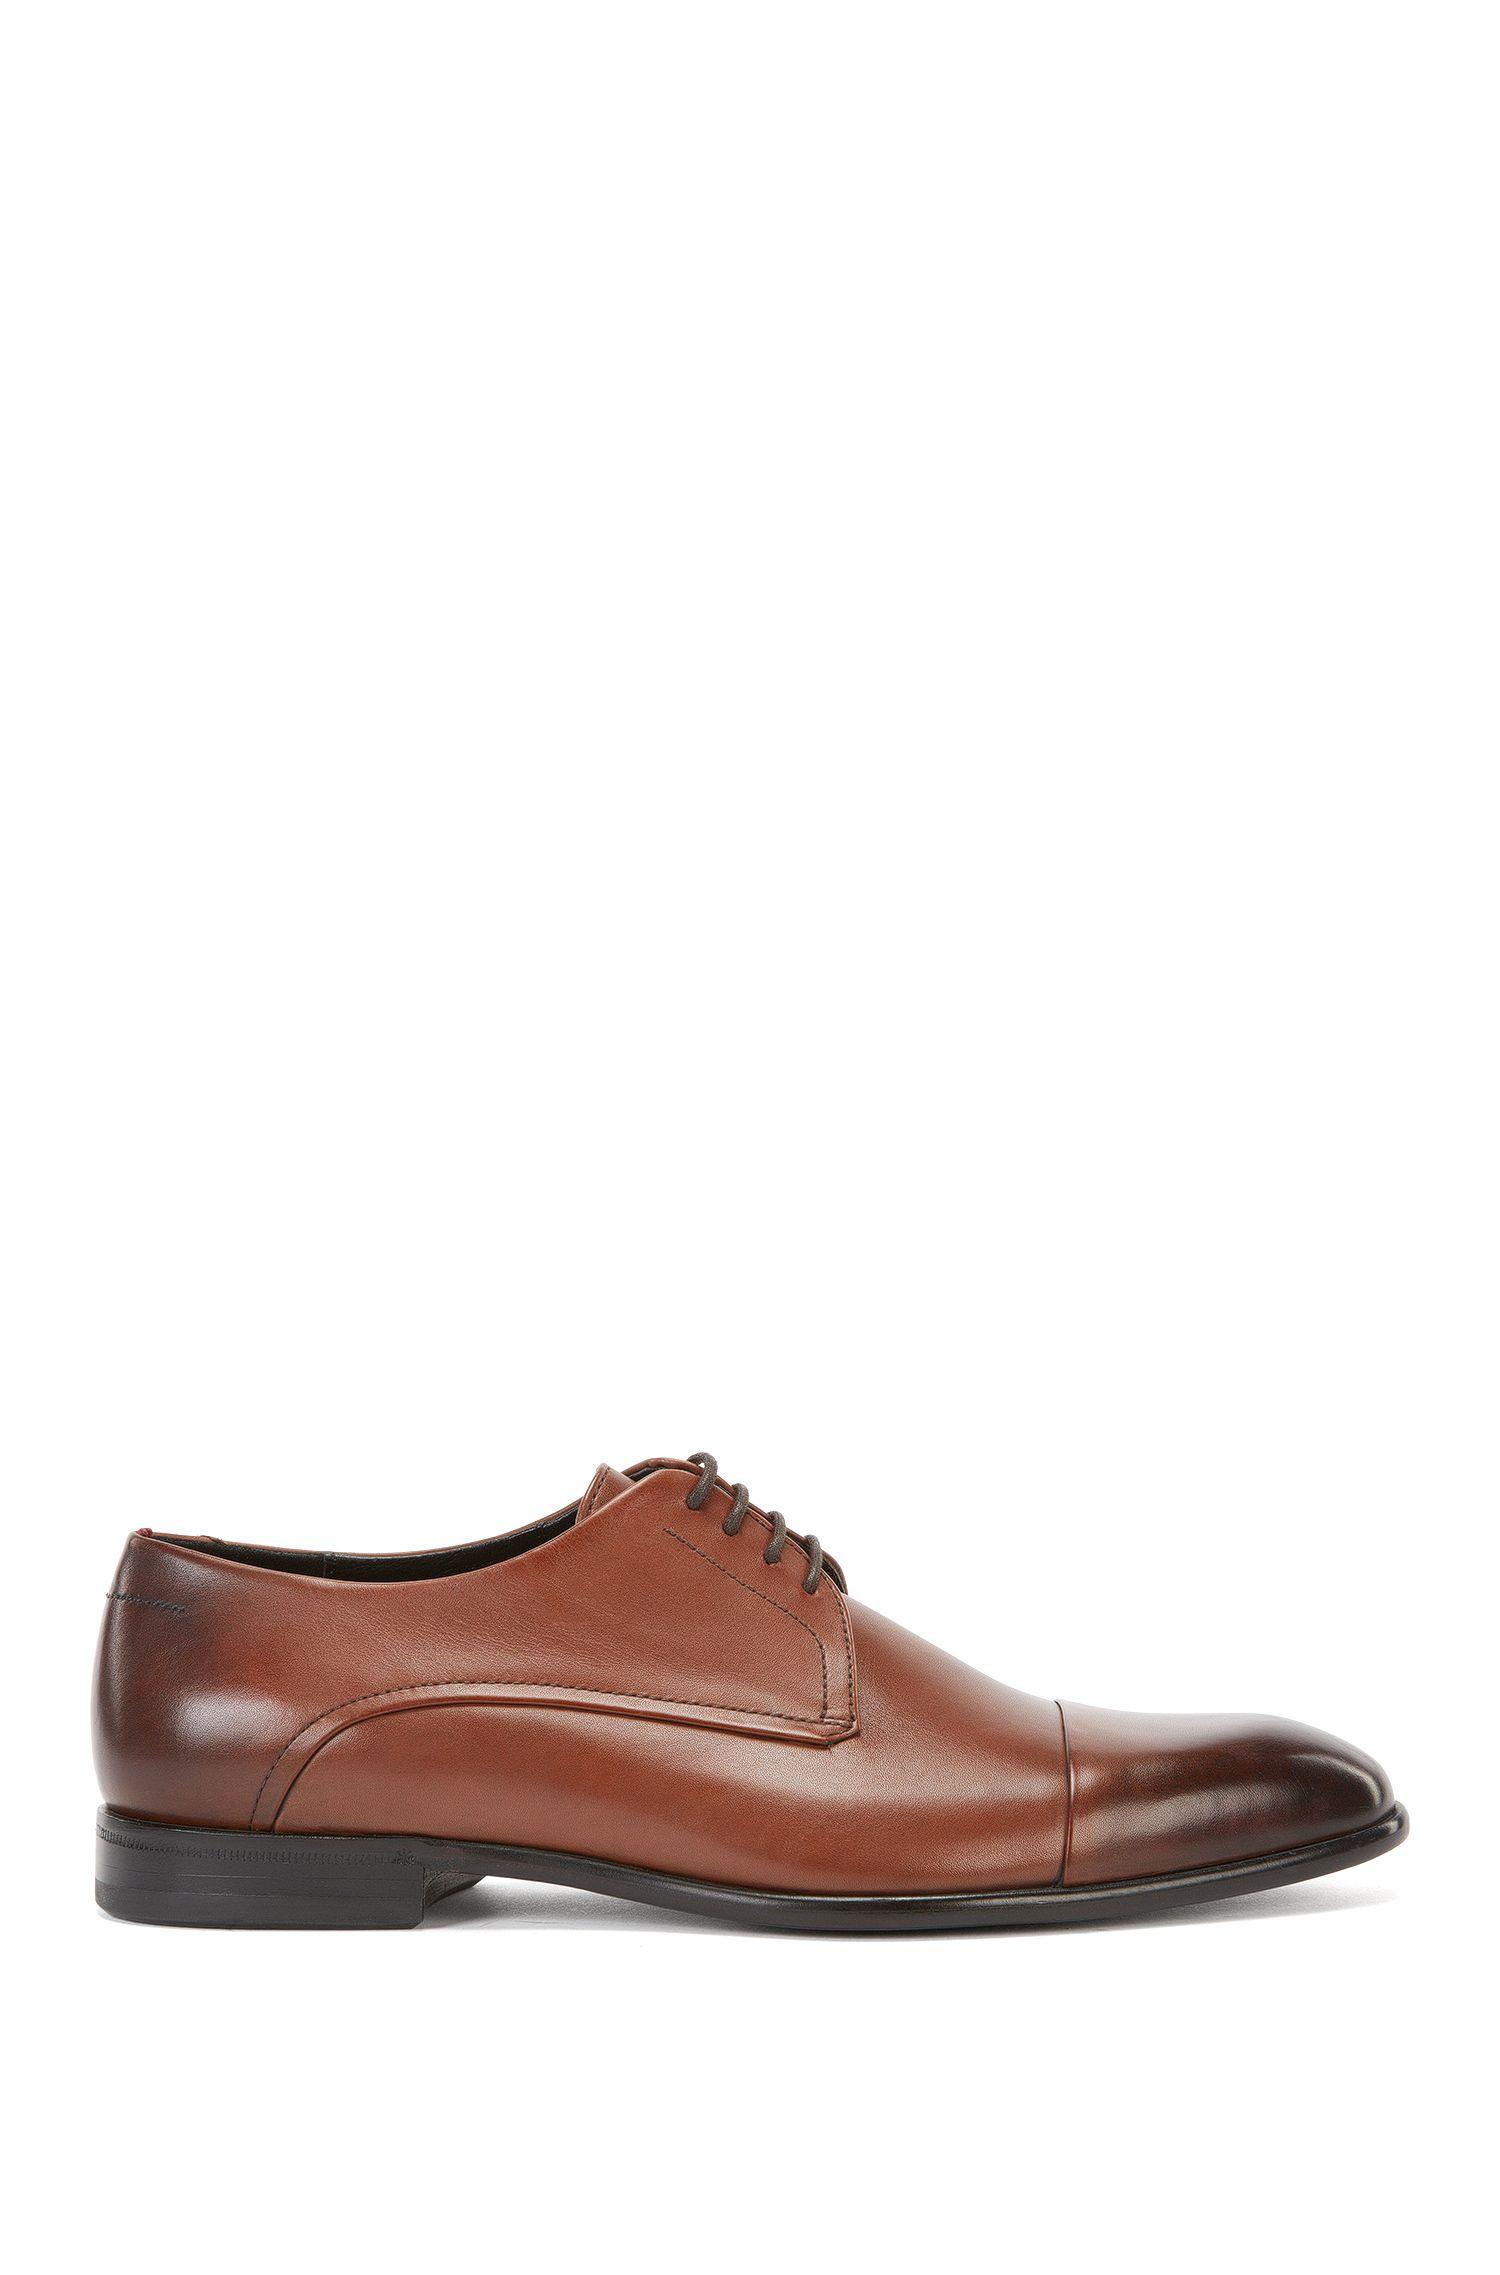 'Dressapp Derb Buctst' | Cap Toe Italian Leather Derby Dress Shoes